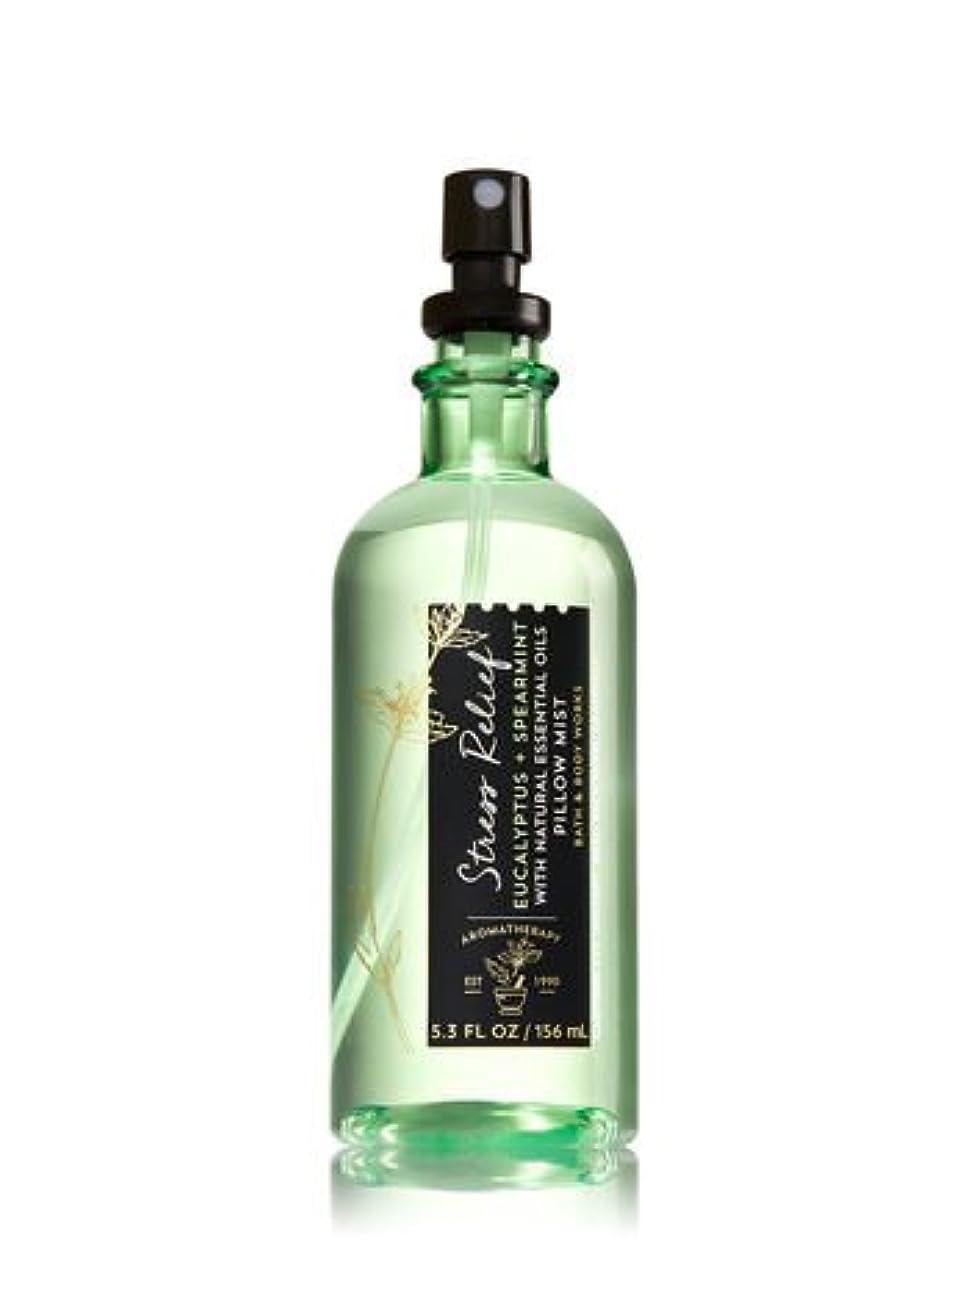 エスニックパトロール群れ【Bath&Body Works/バス&ボディワークス】 ピローミスト アロマセラピー ストレスリリーフ ユーカリスペアミント Aromatherapy Pillow Mist Stress Relief Eucalyptus Spearmint 5.3 fl oz / 156 mL [並行輸入品]